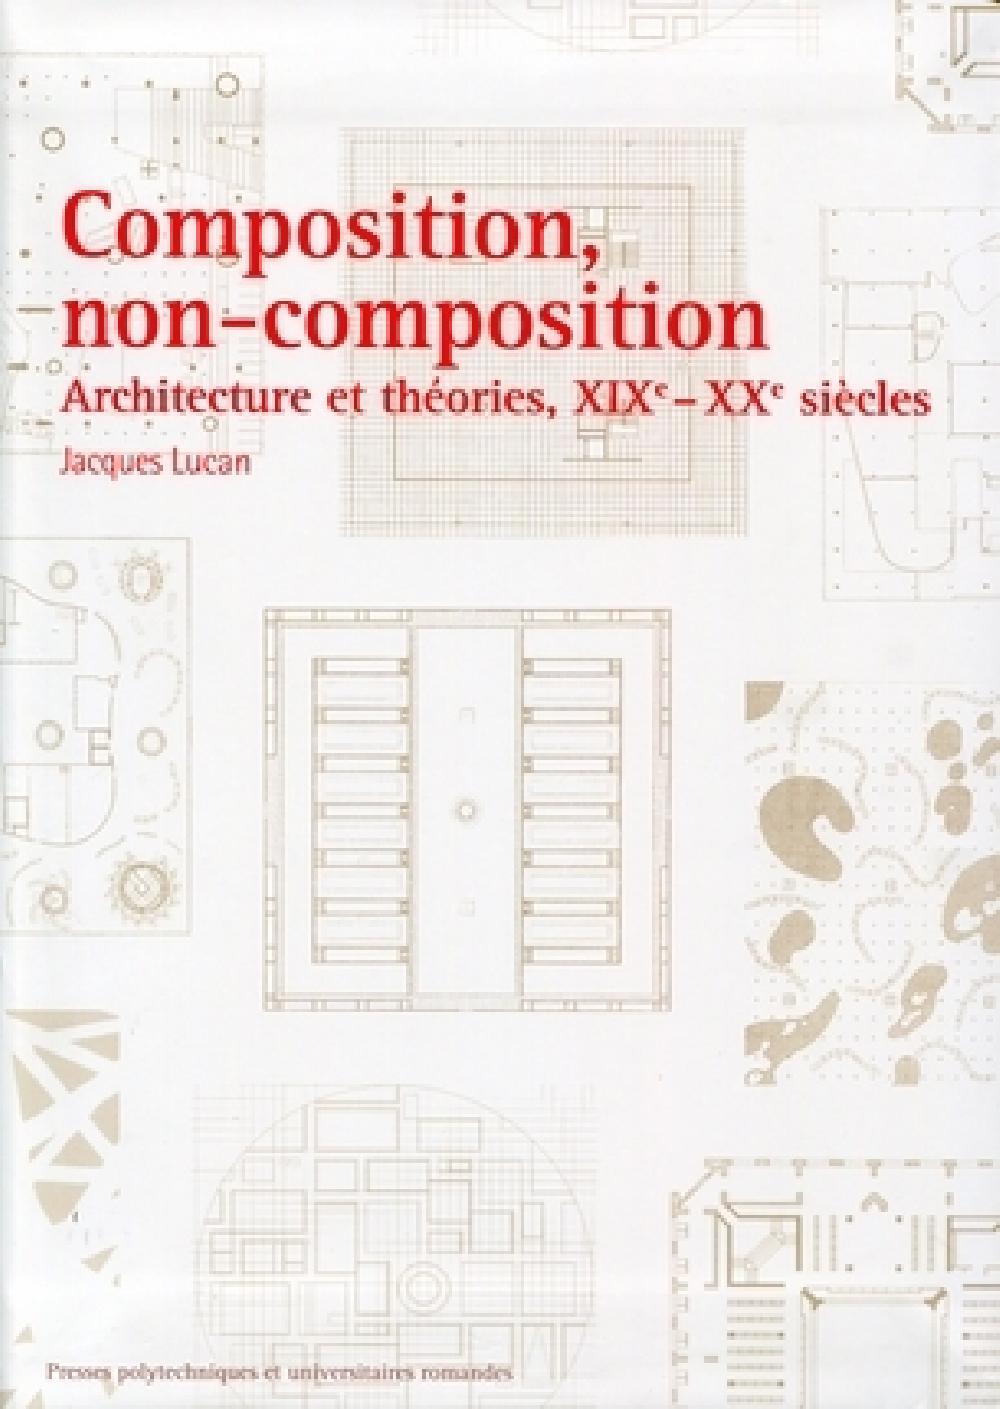 Composition non-composition